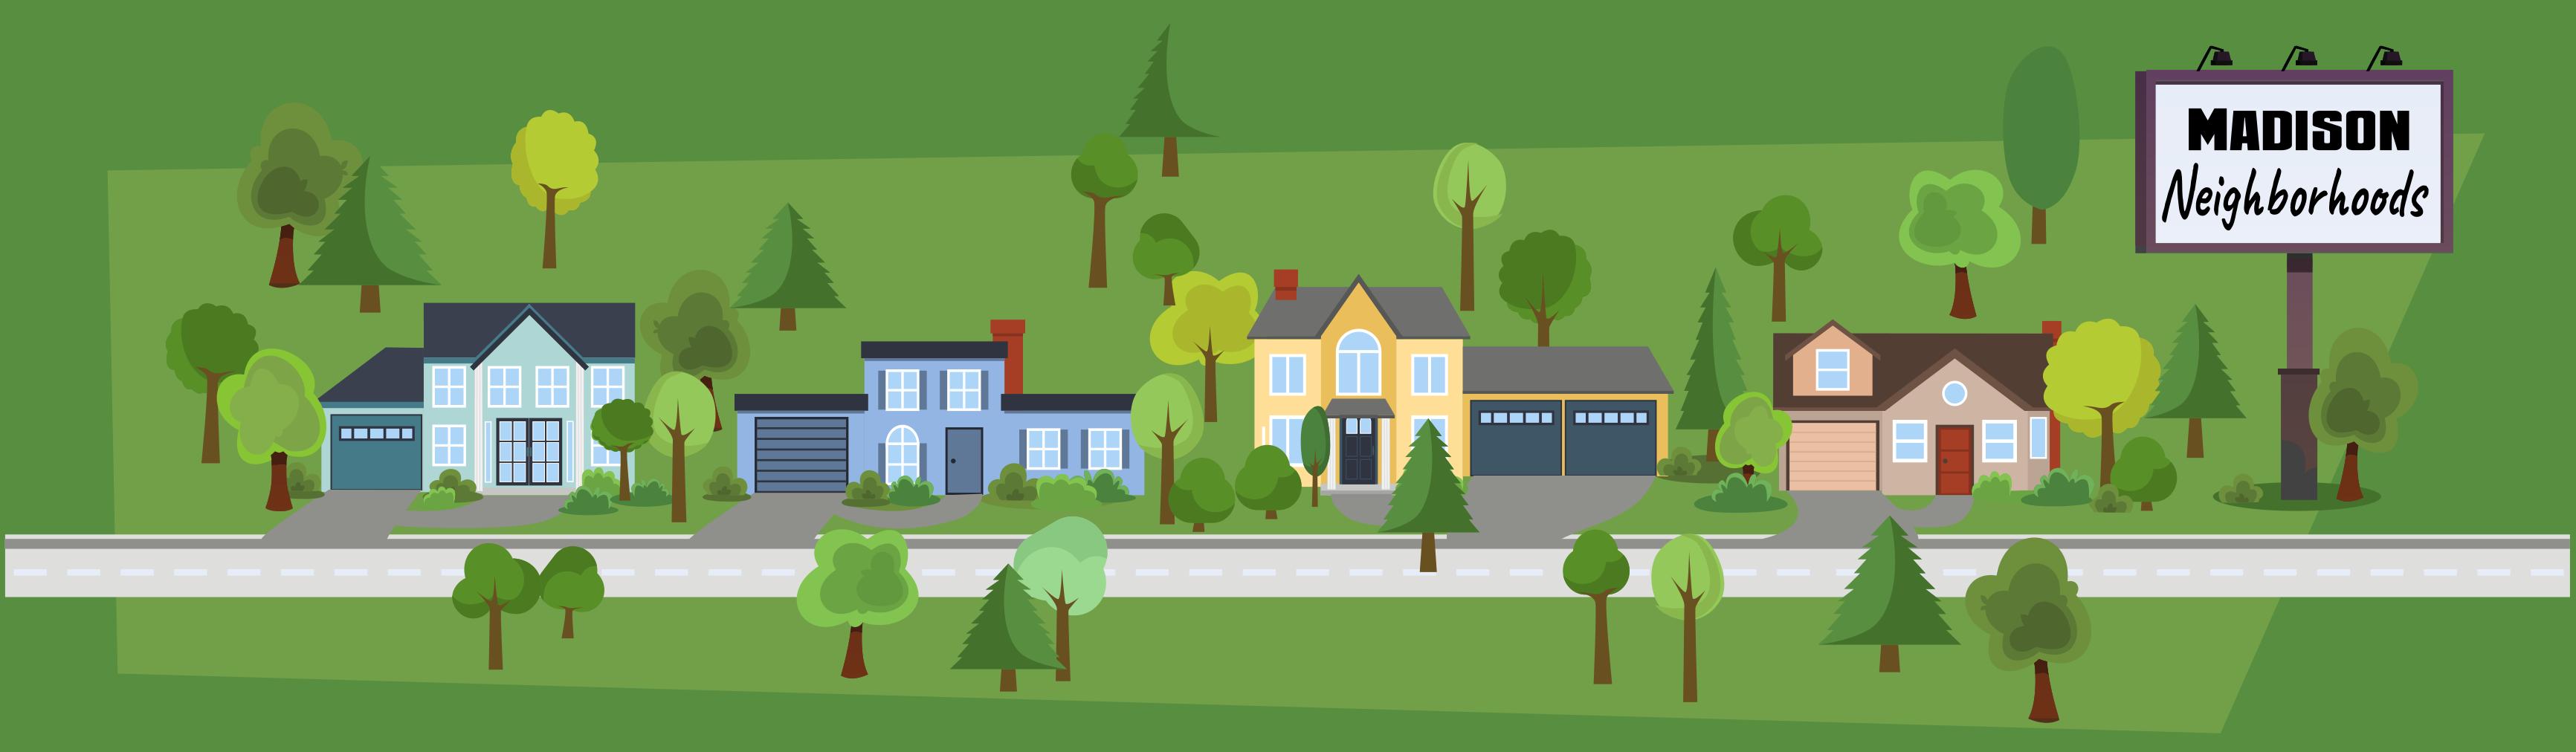 Neighborhood Series: Madison, WI